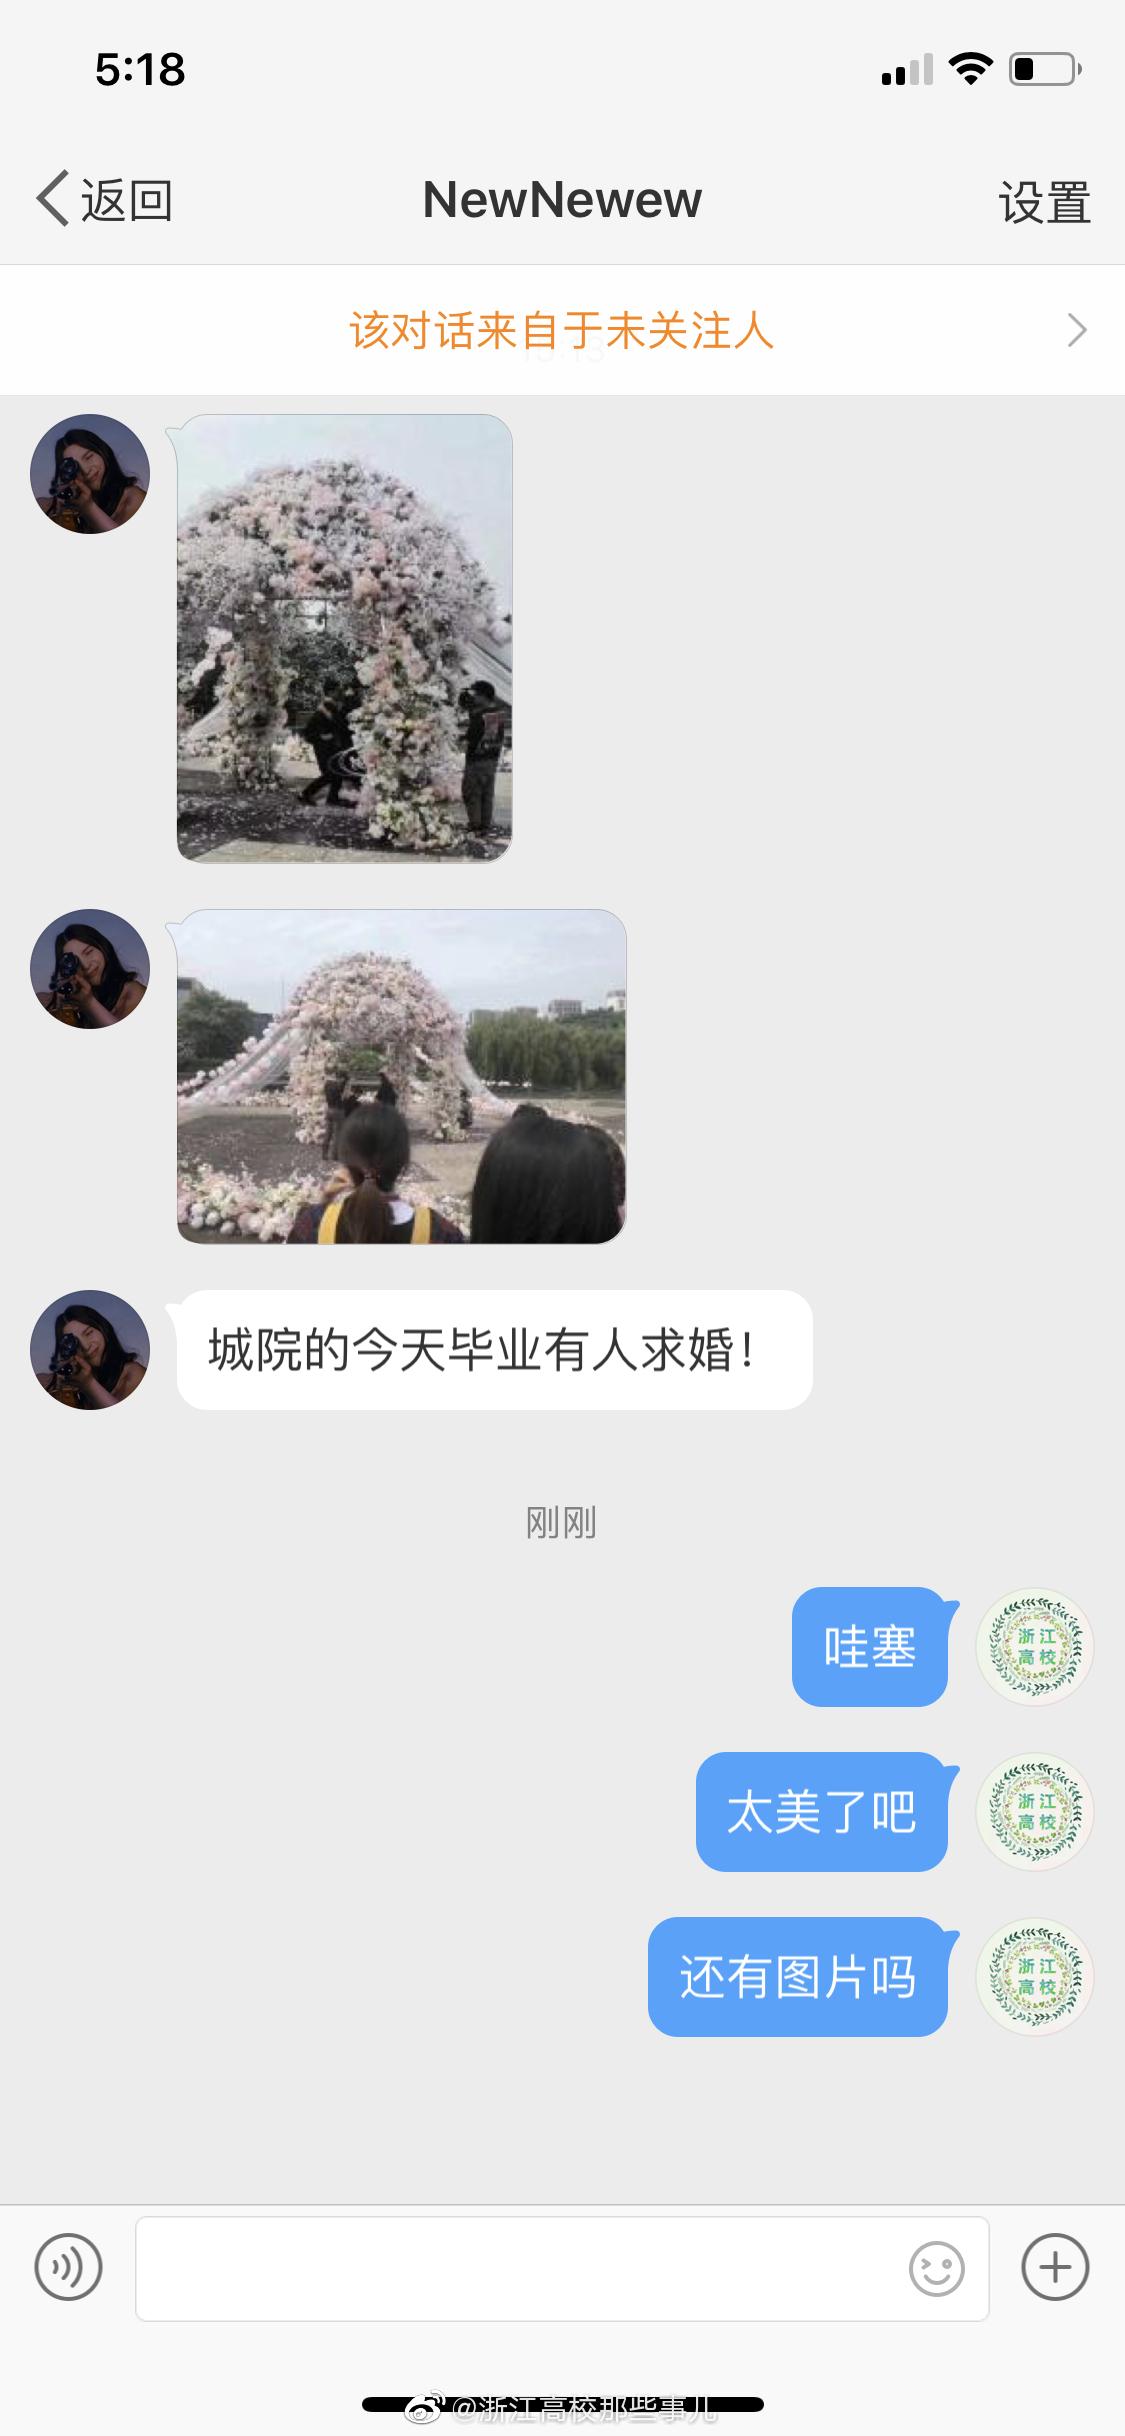 同学投稿:浙江大学城市学院今天的毕业会上有人求婚